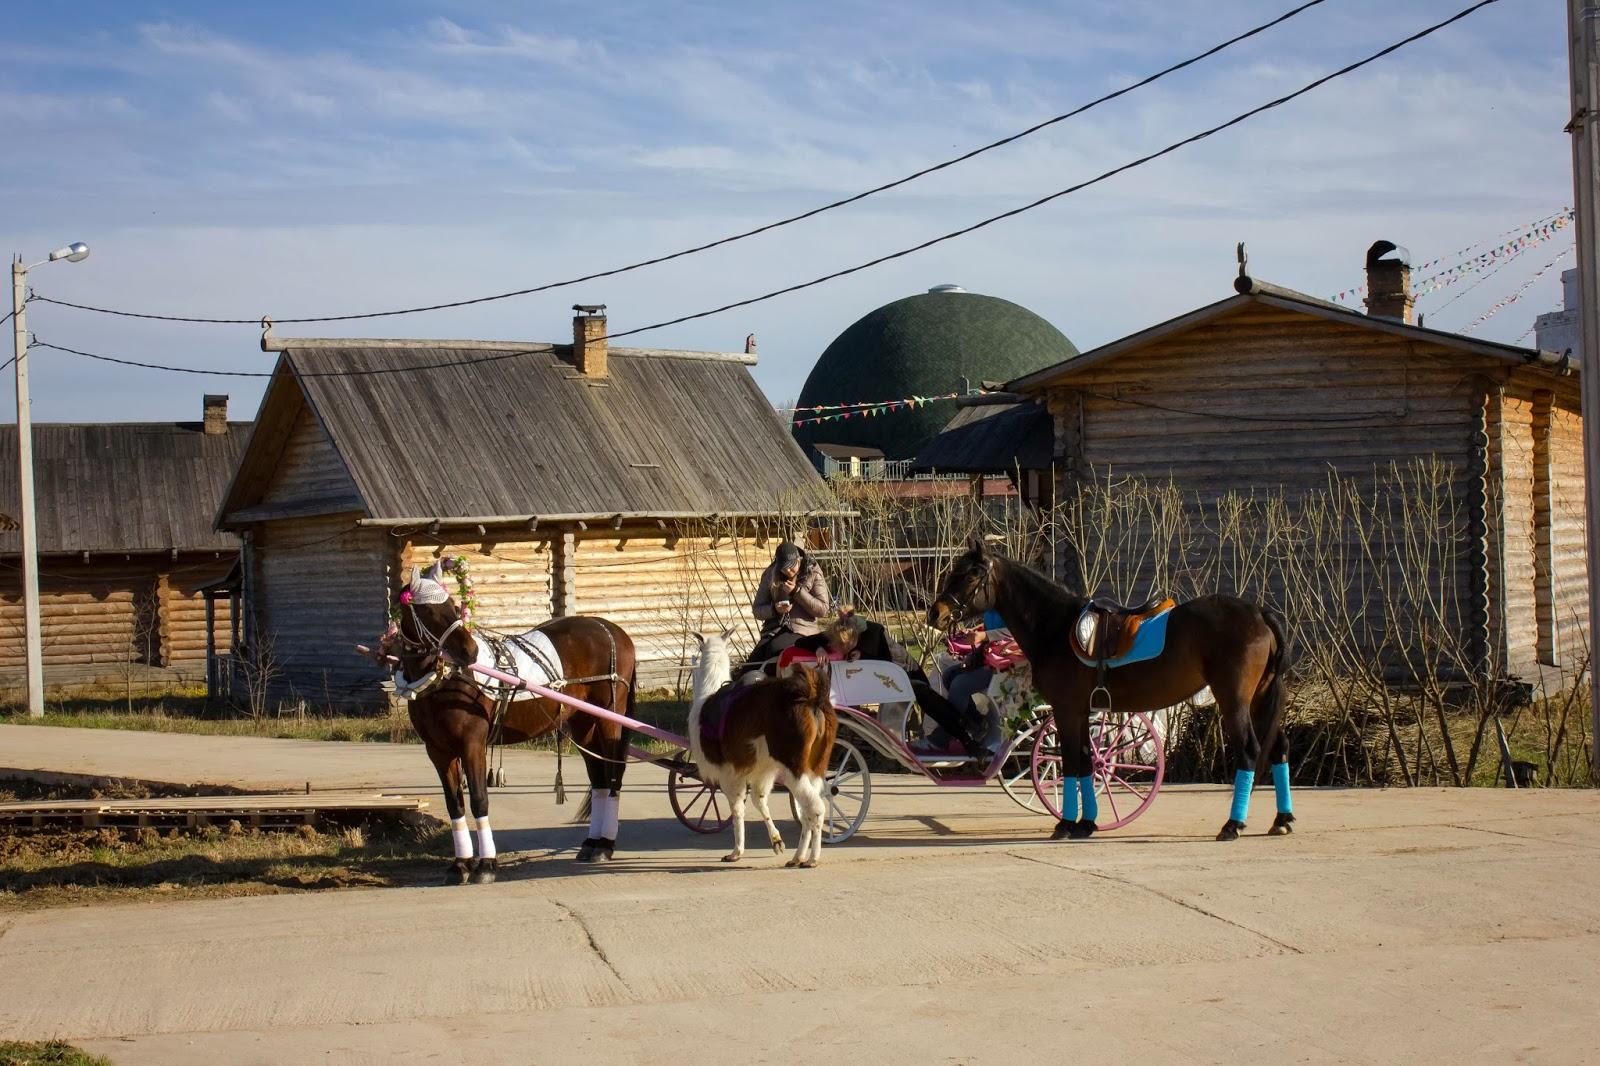 Калуга, Калужская область, Этномир, Прокачу с ветерком